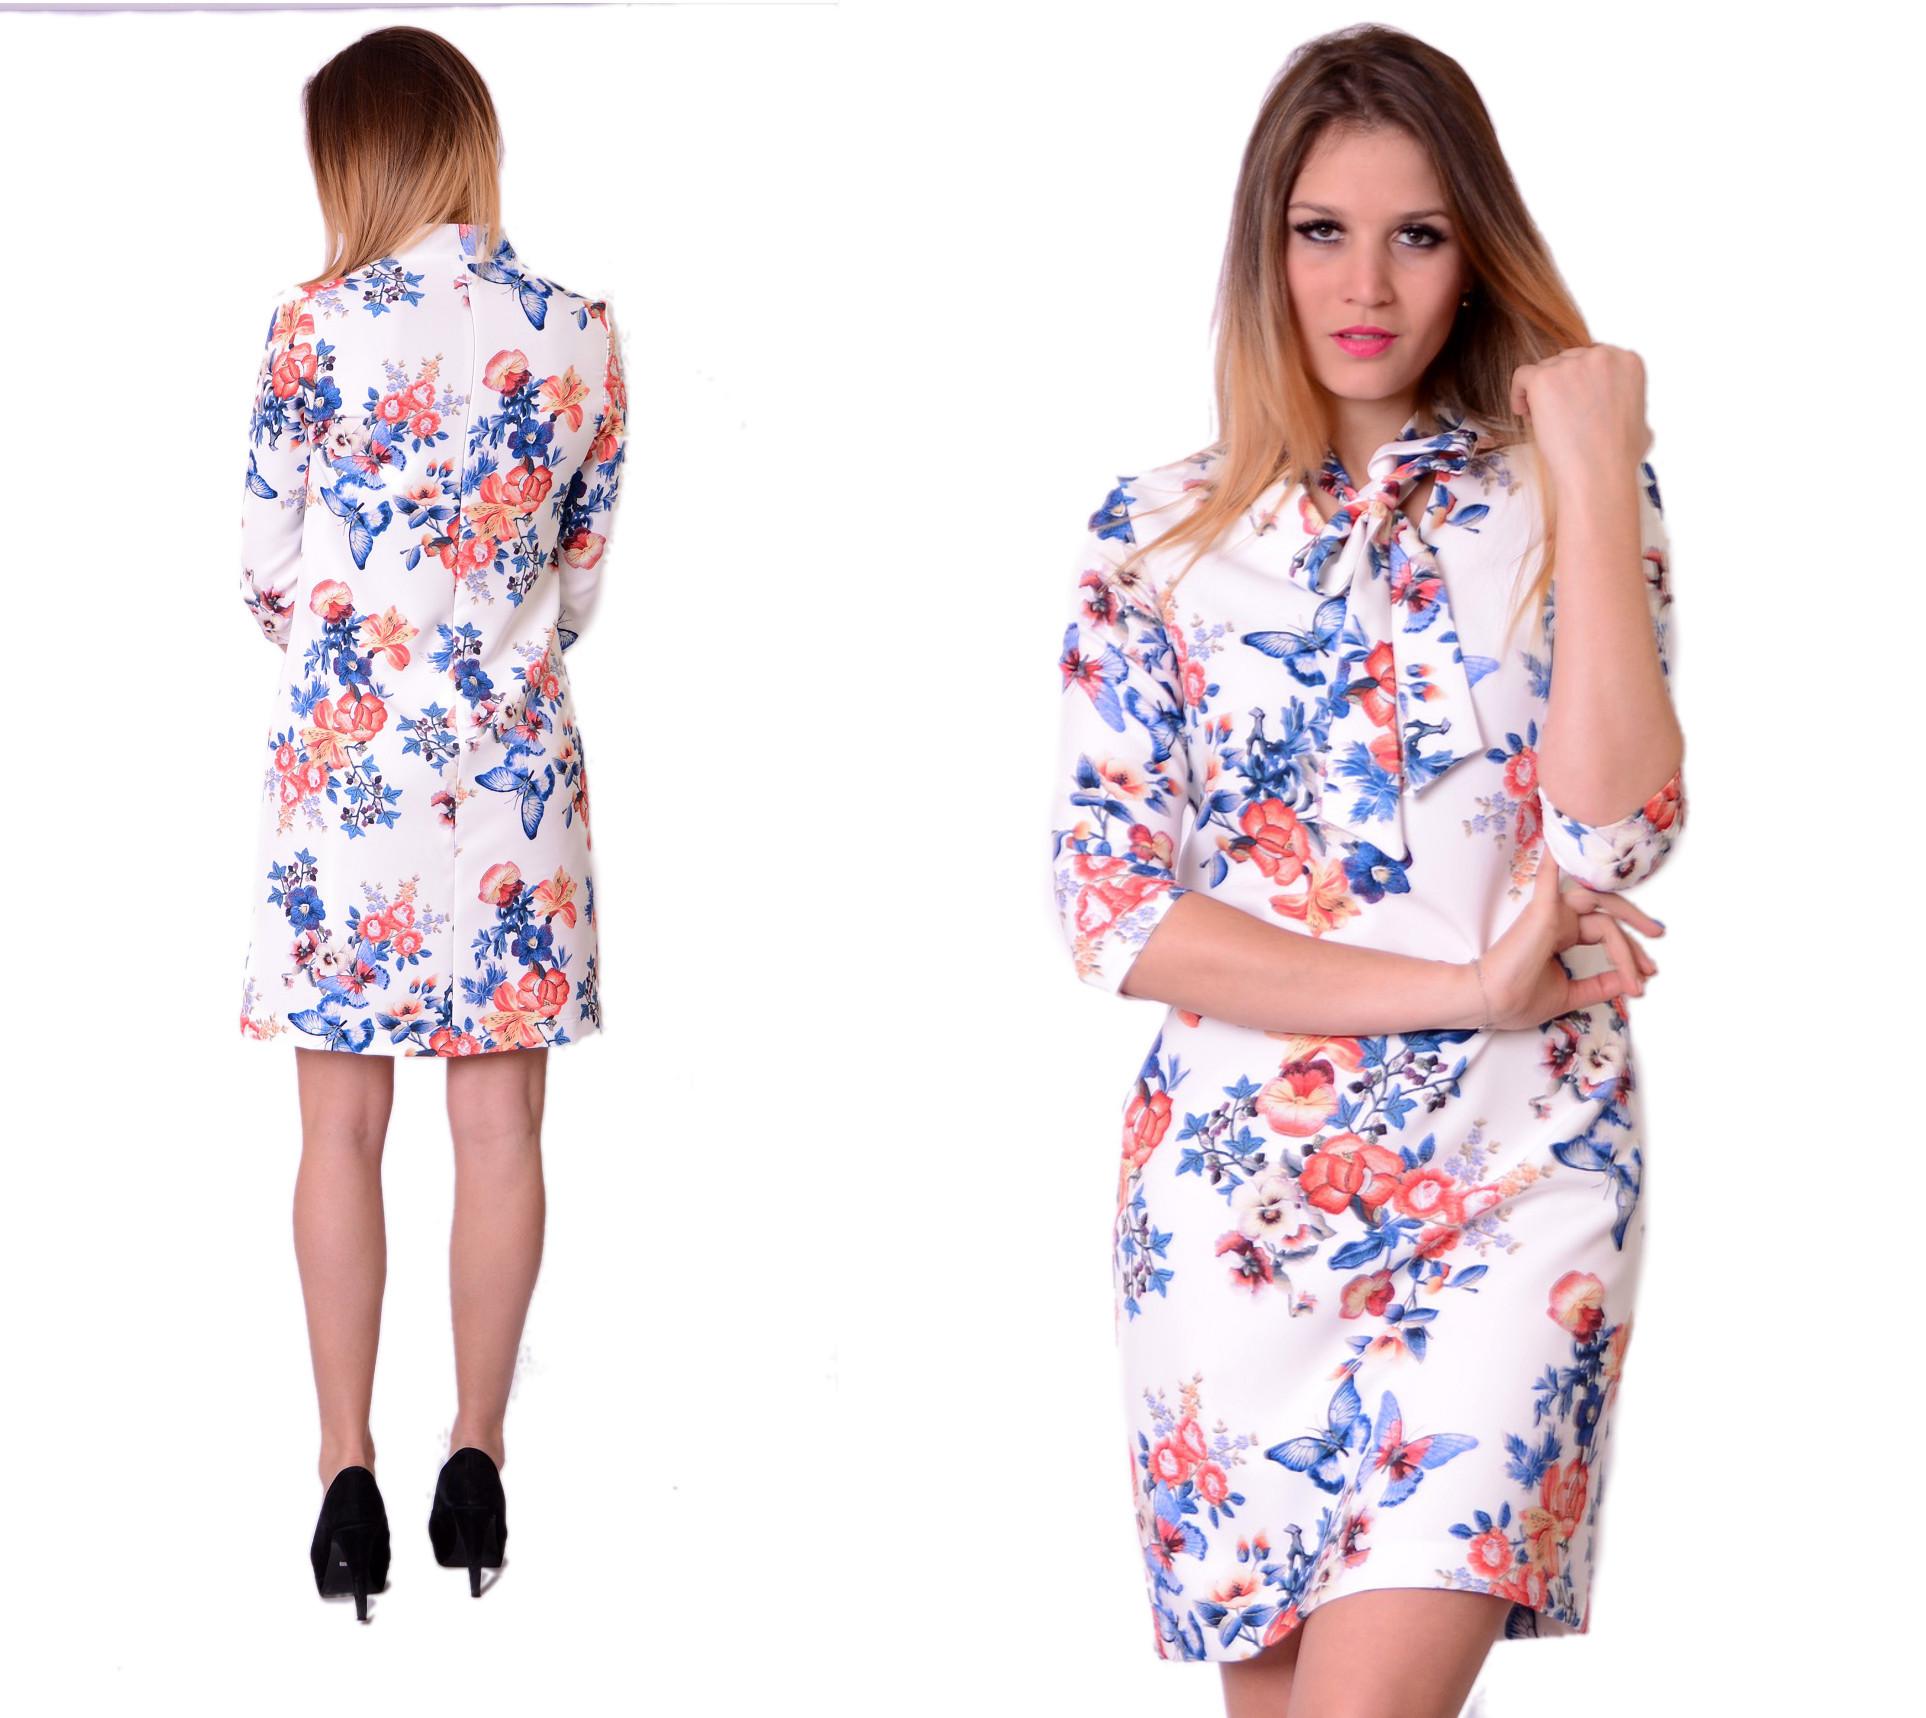 e40e97a50a Sukienka Trapez Krawat Kwiaty Producent rozm. 44 - 7192148325 ...